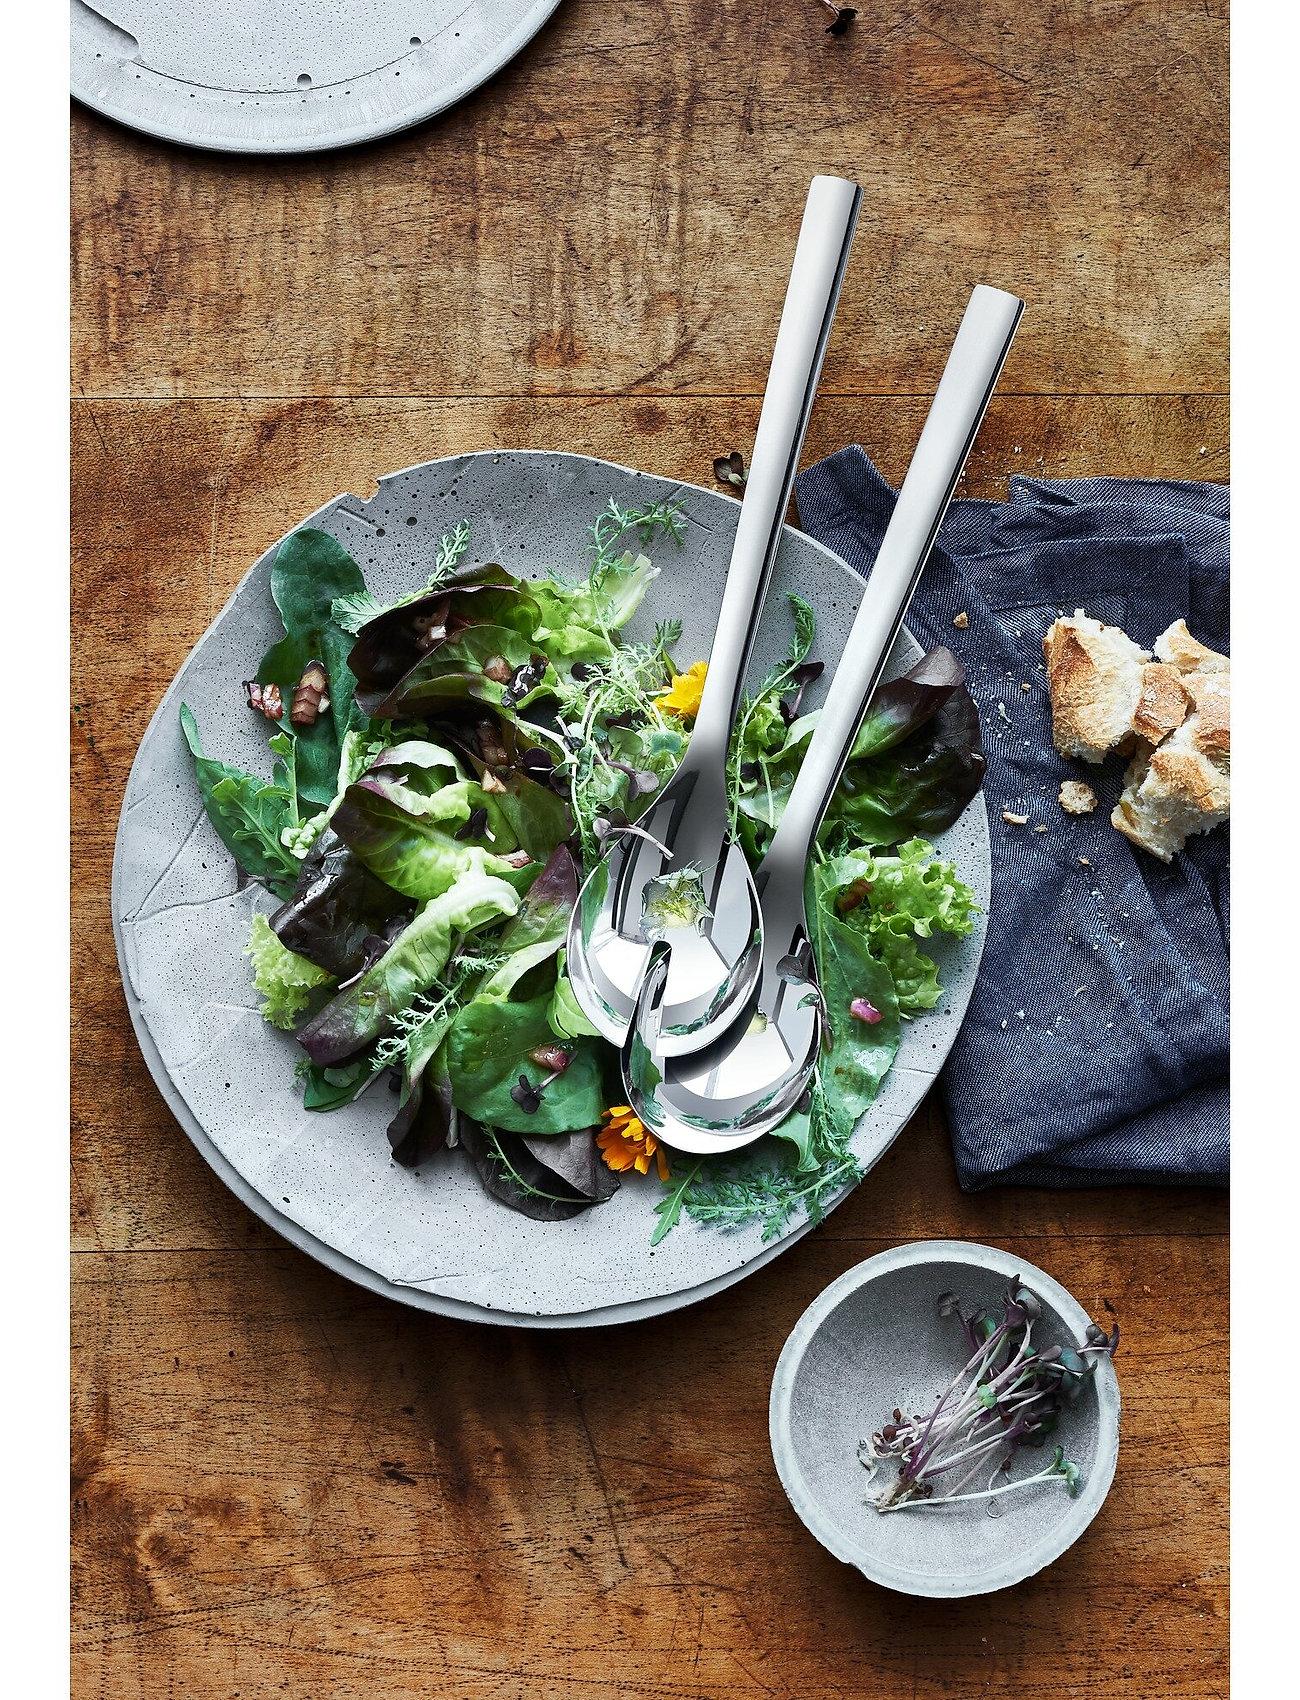 WMF - Nuova Serveringsbestikk 4 deler - salatbestikk - cromargan - 1